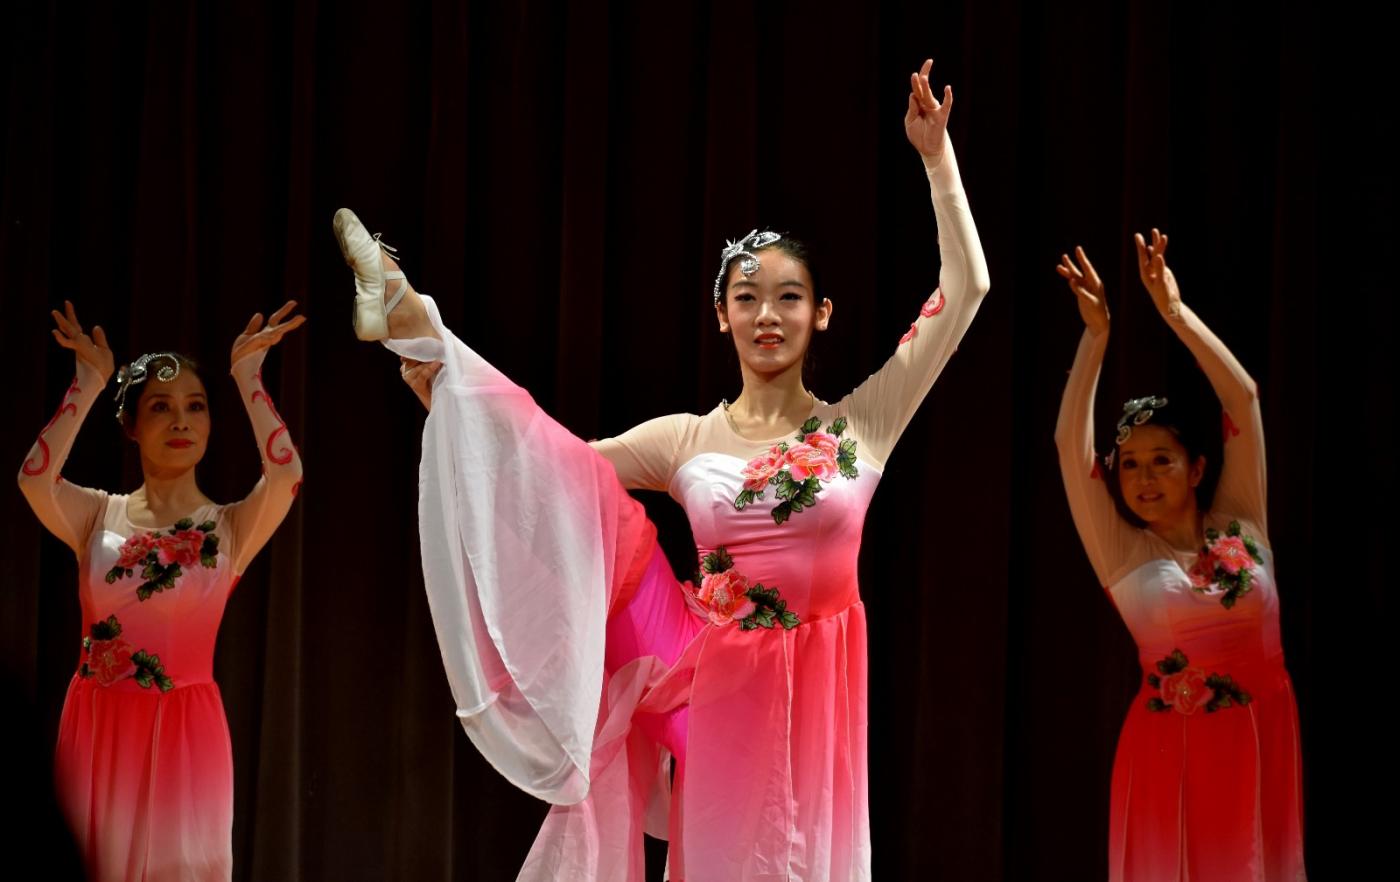 中国民歌集粹音乐会 (1)_图1-15